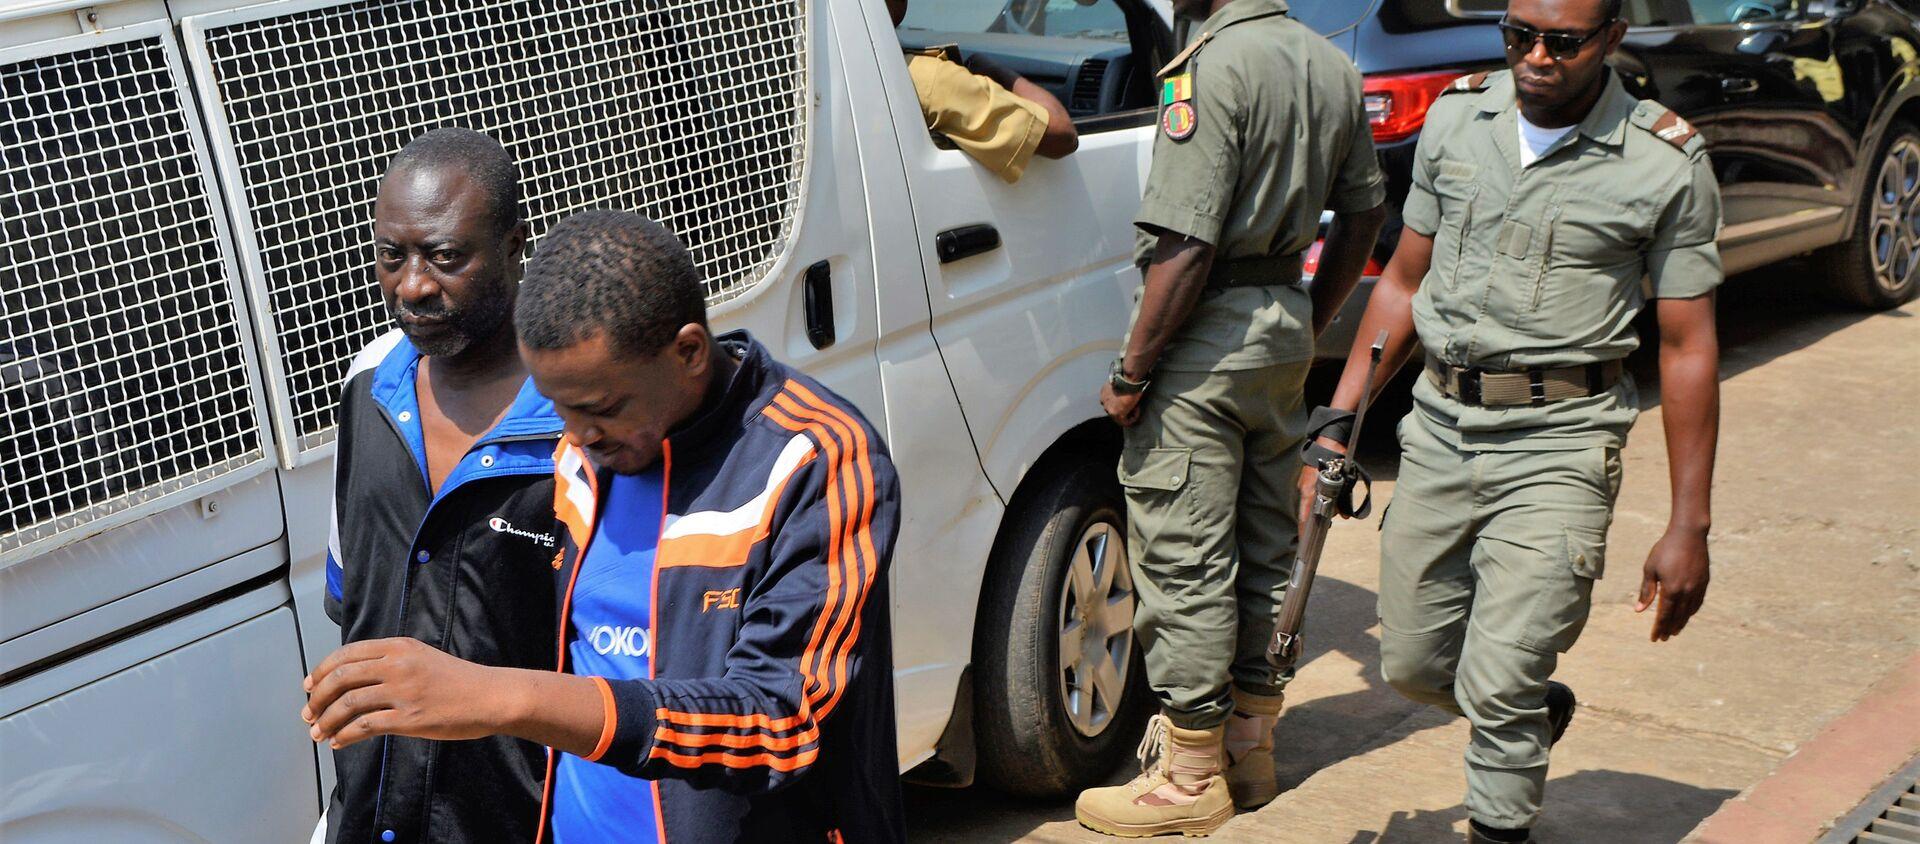 Des hommes arrêtés par la police au Cameroun. - Sputnik France, 1920, 14.02.2020